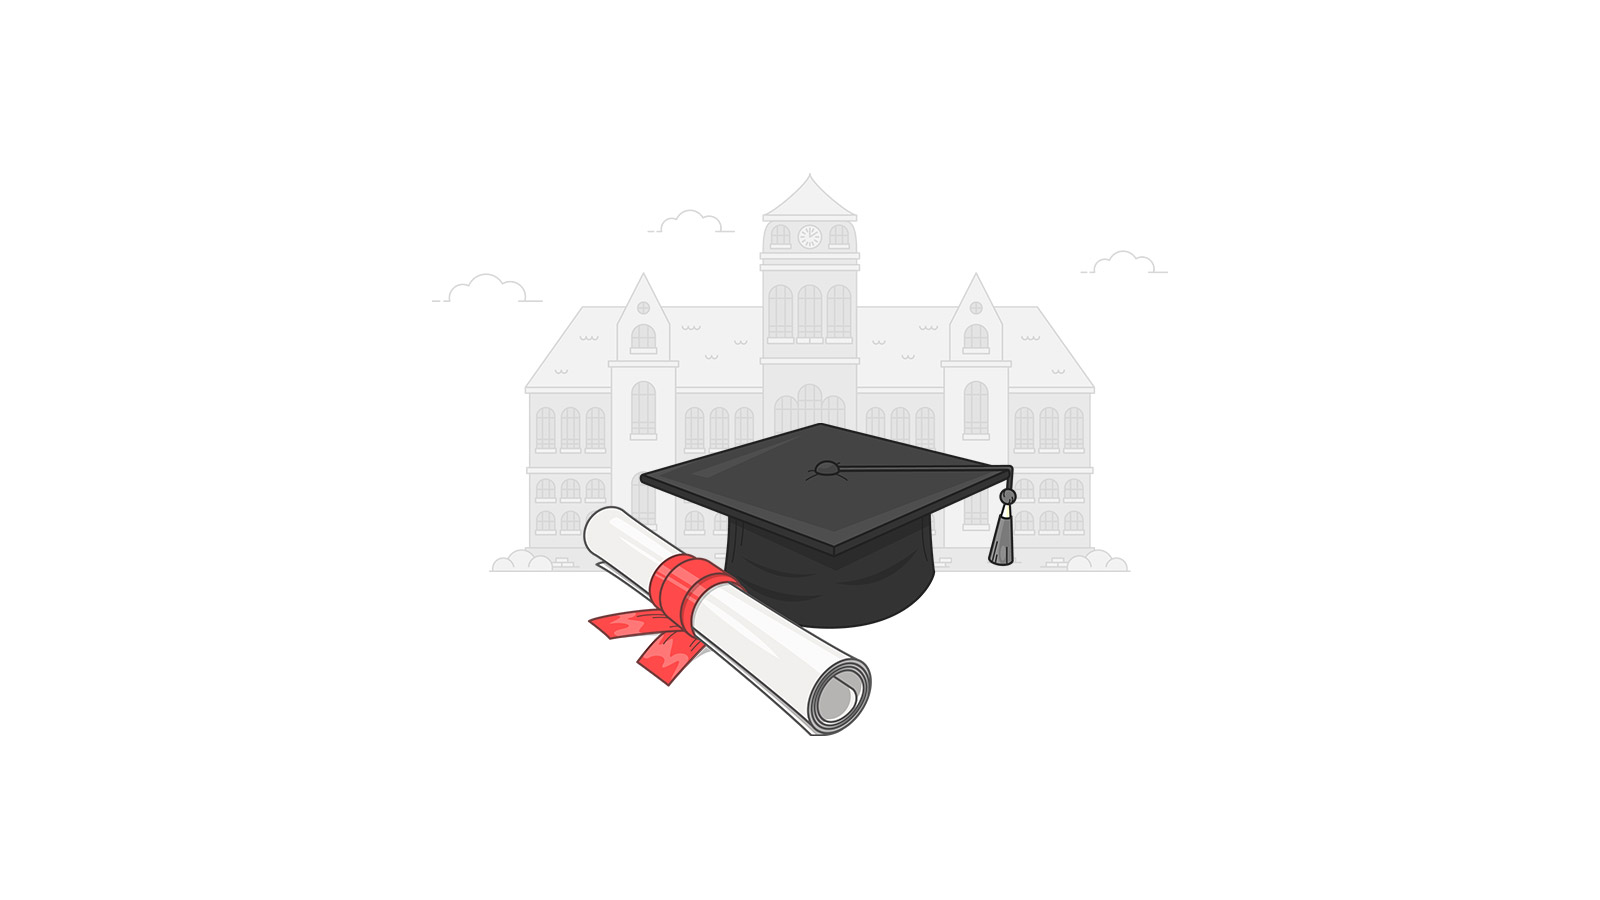 اعزام دانشجو و مهاجرت تحصیلی